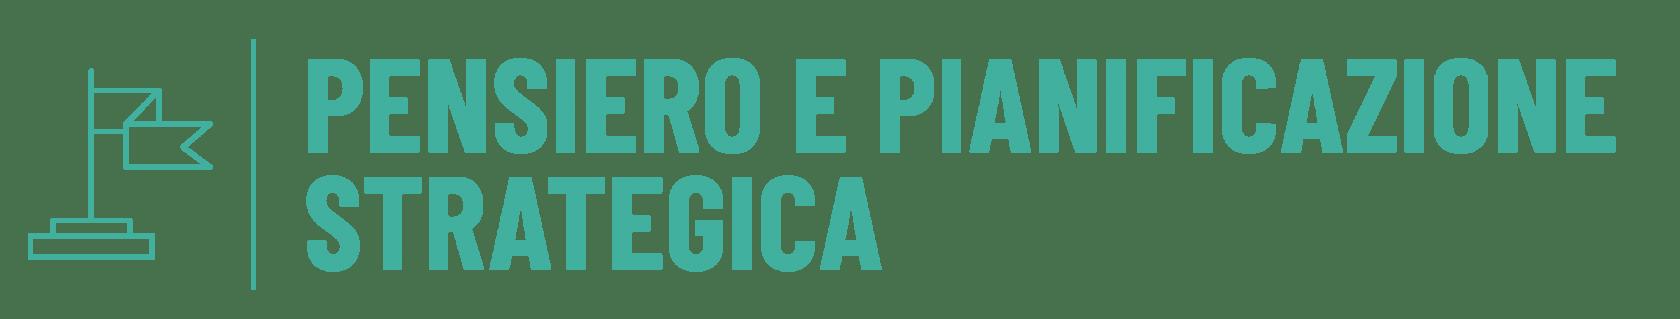 Header_Leadership_IN-Pensiero_Pianificazione_Strategica_Tavola disegno 1